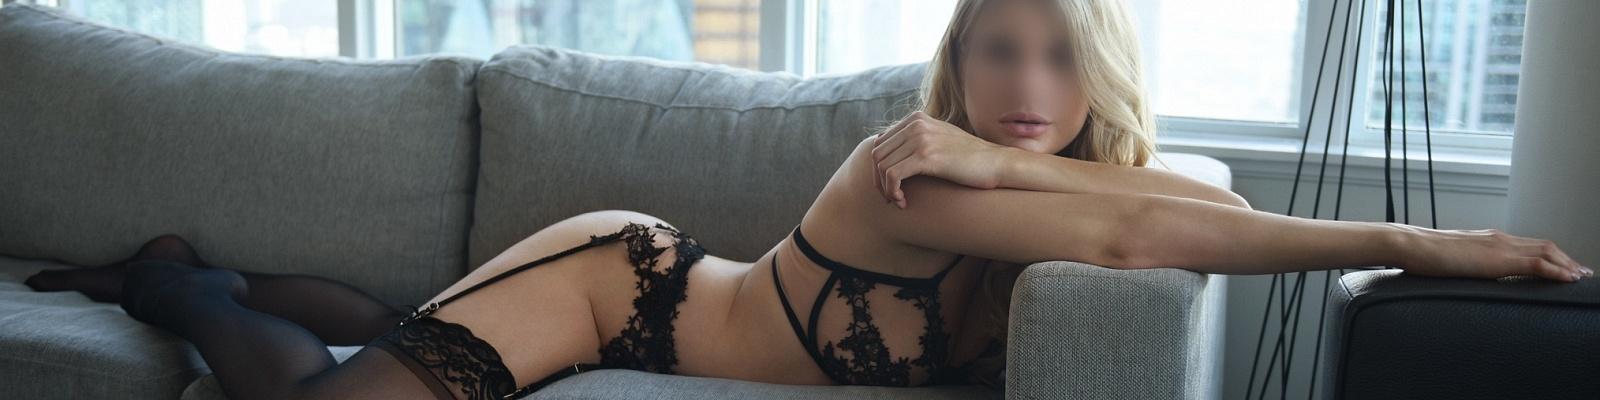 Kate Kompton's Cover Photo